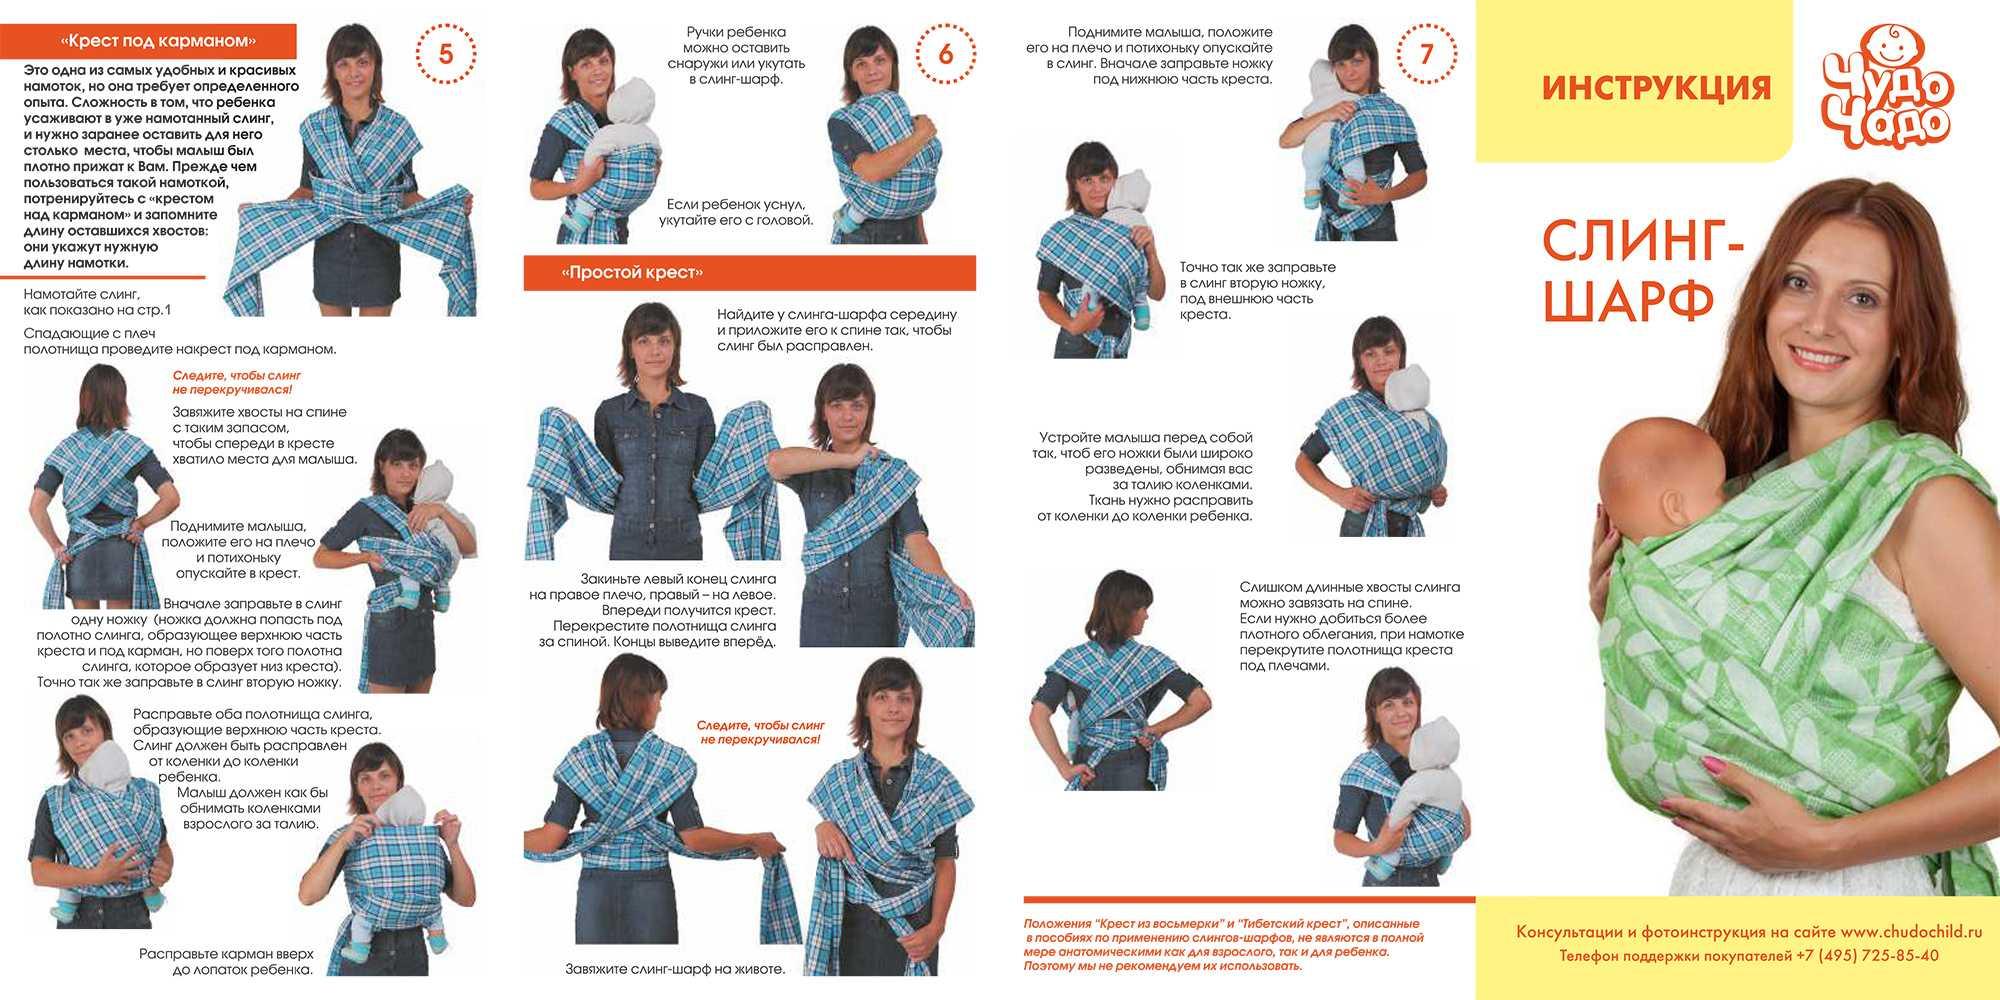 Как правильно выбрать и носить слинг с новорожденным